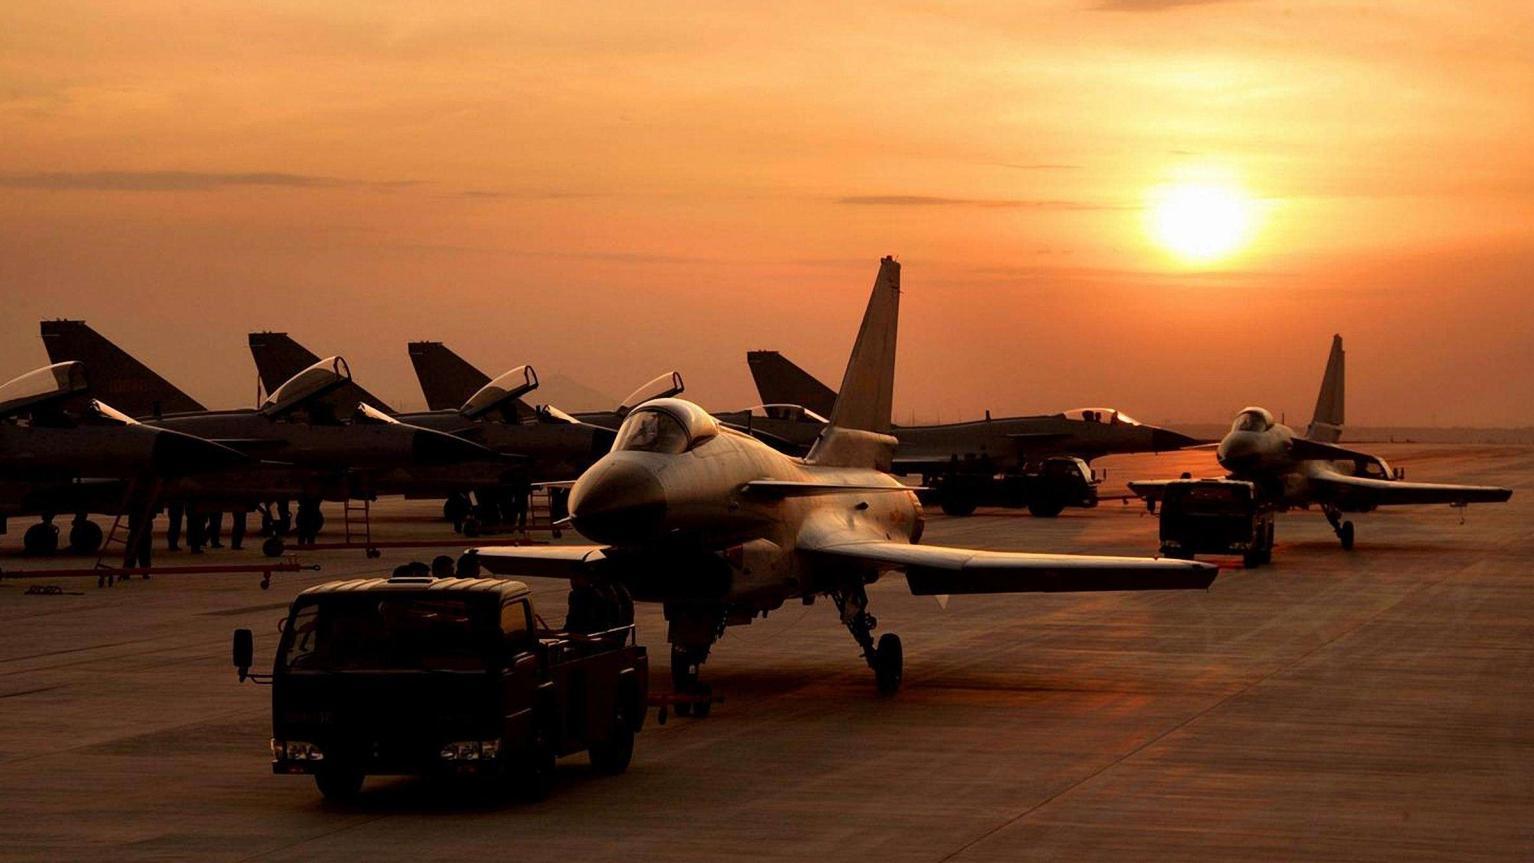 歼10B和歼10C,两种型号的战斗机到底有什么区别呢?